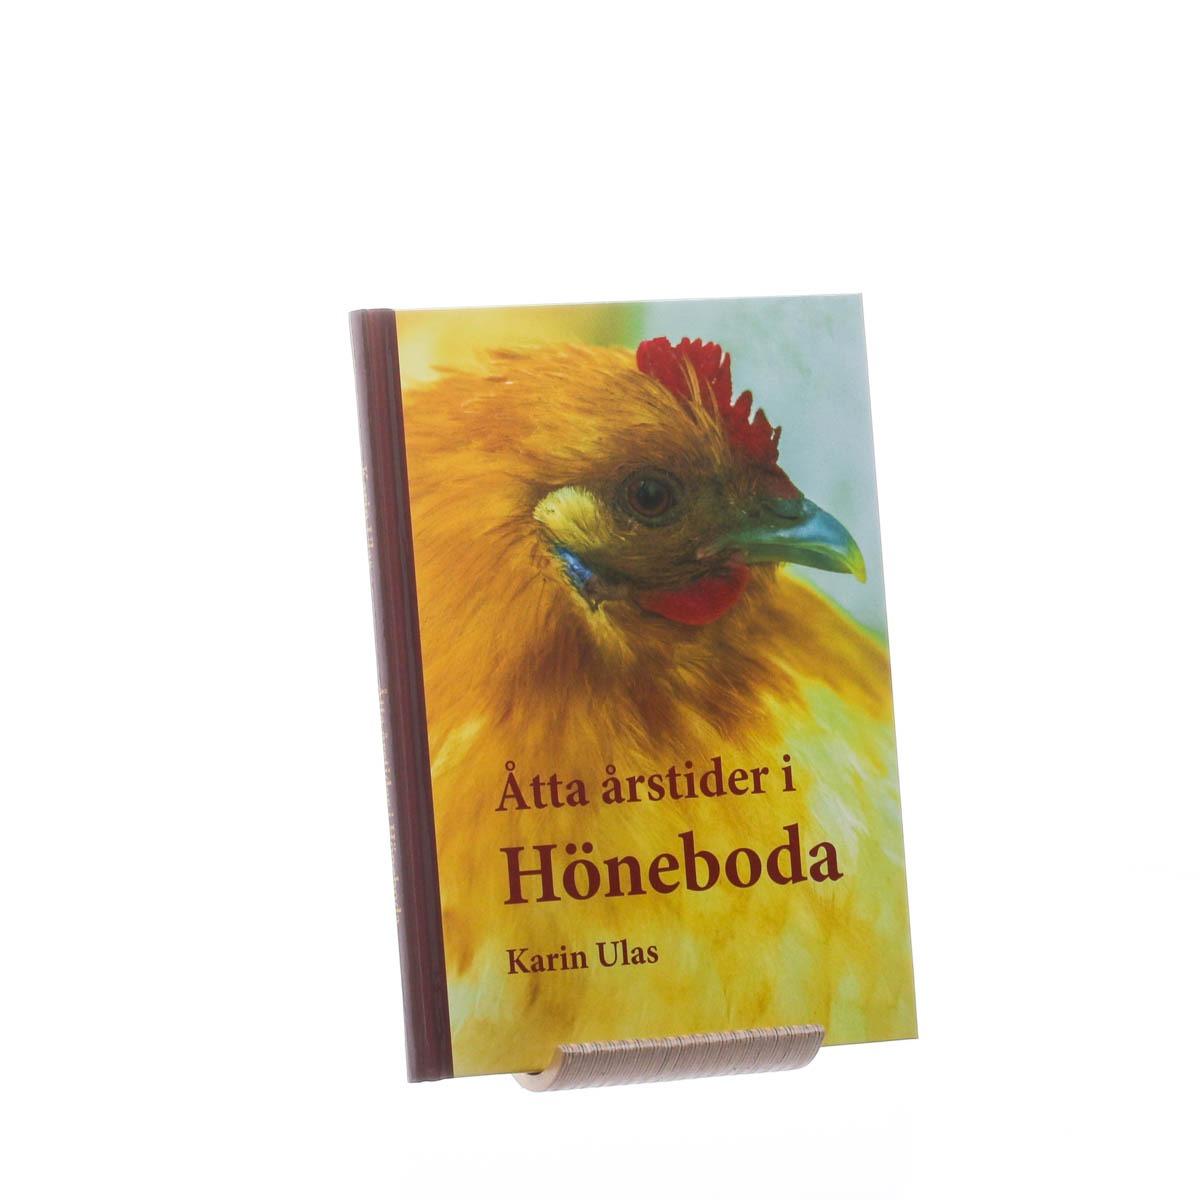 Åtta årstider i Höneboda av Karin Ulas